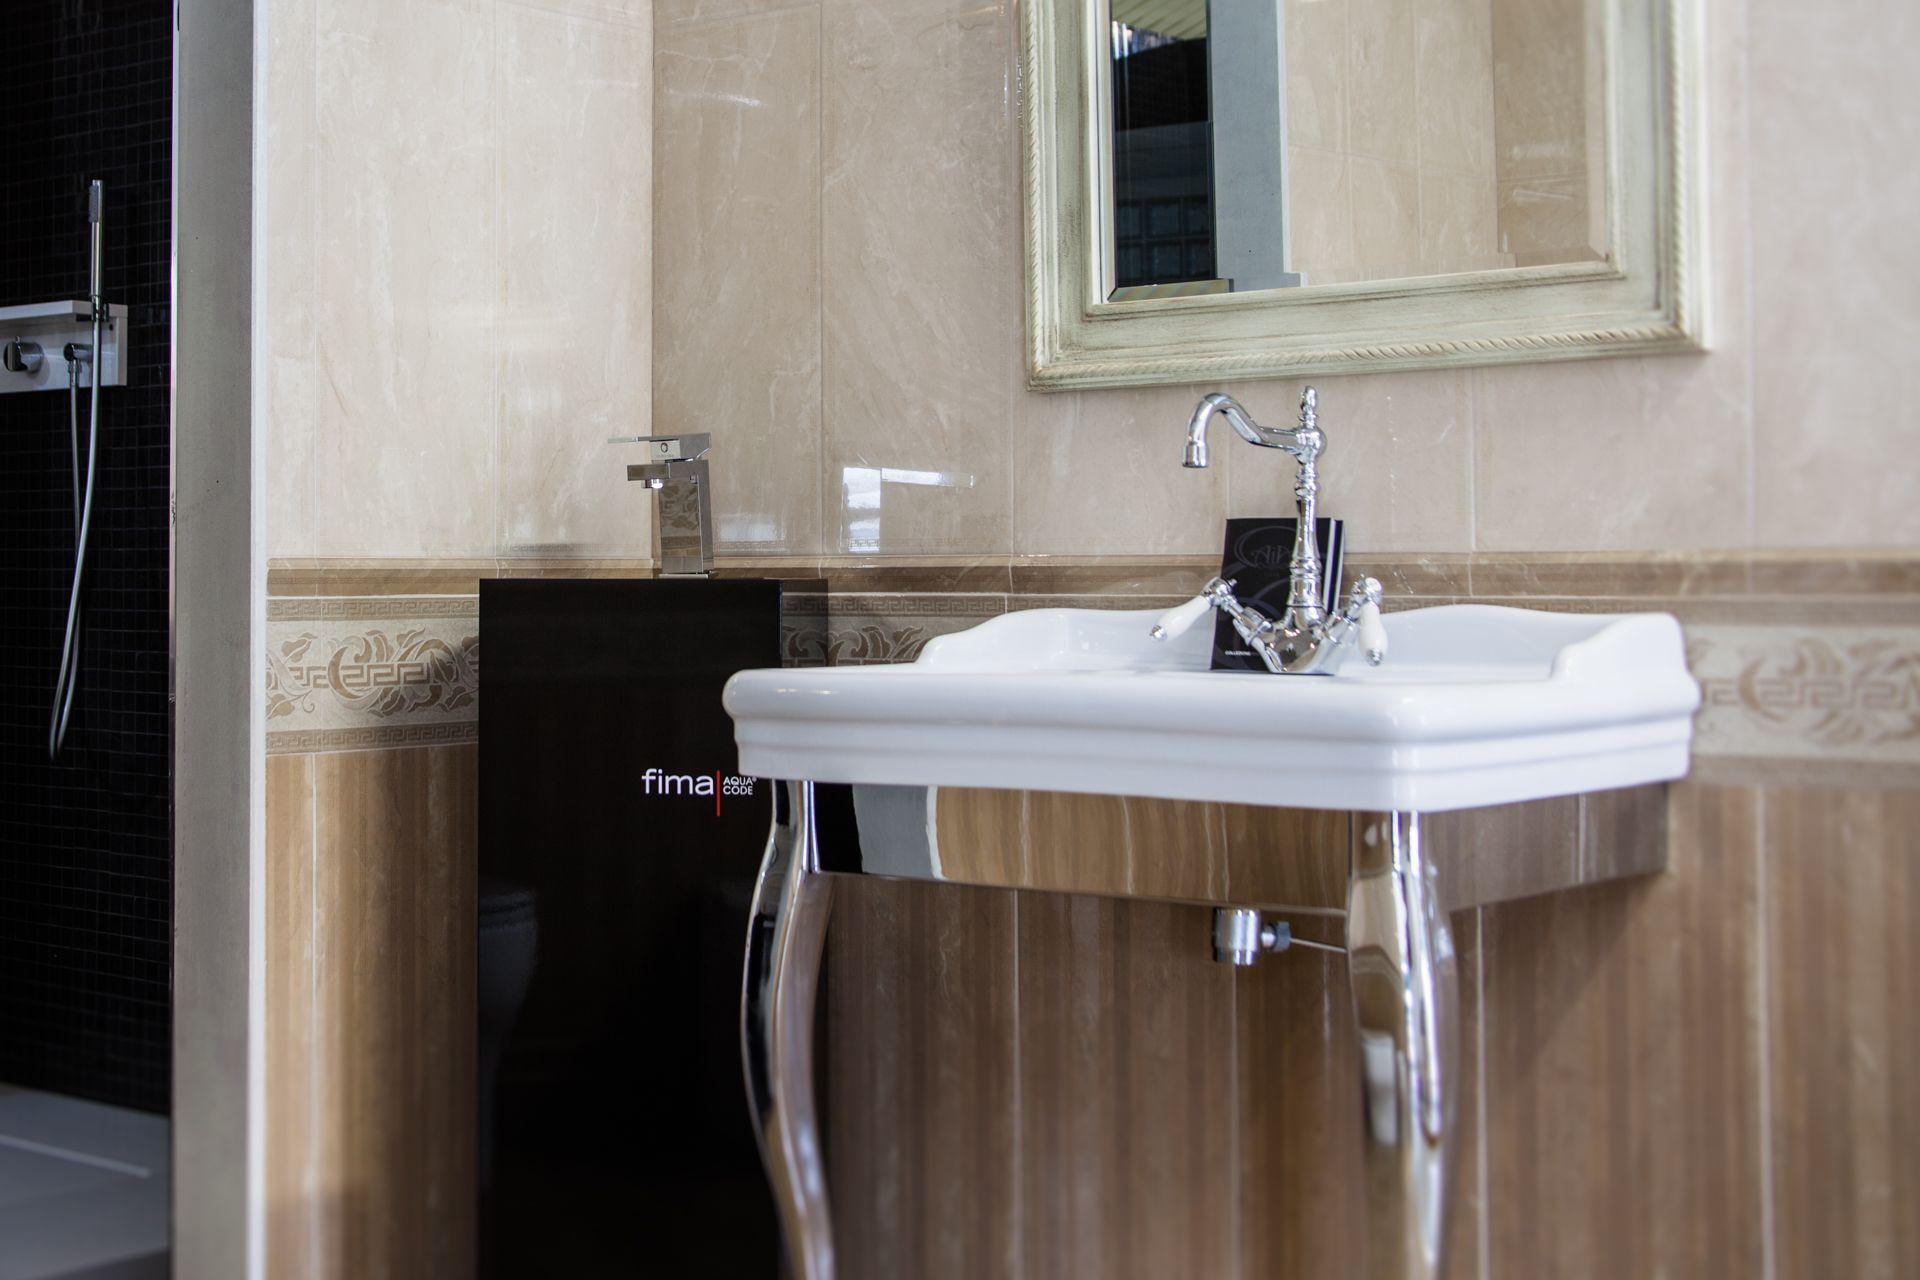 Strutture Mobili ~ Azzurra arredobagno lavabo serie giunone bianco con struttura in